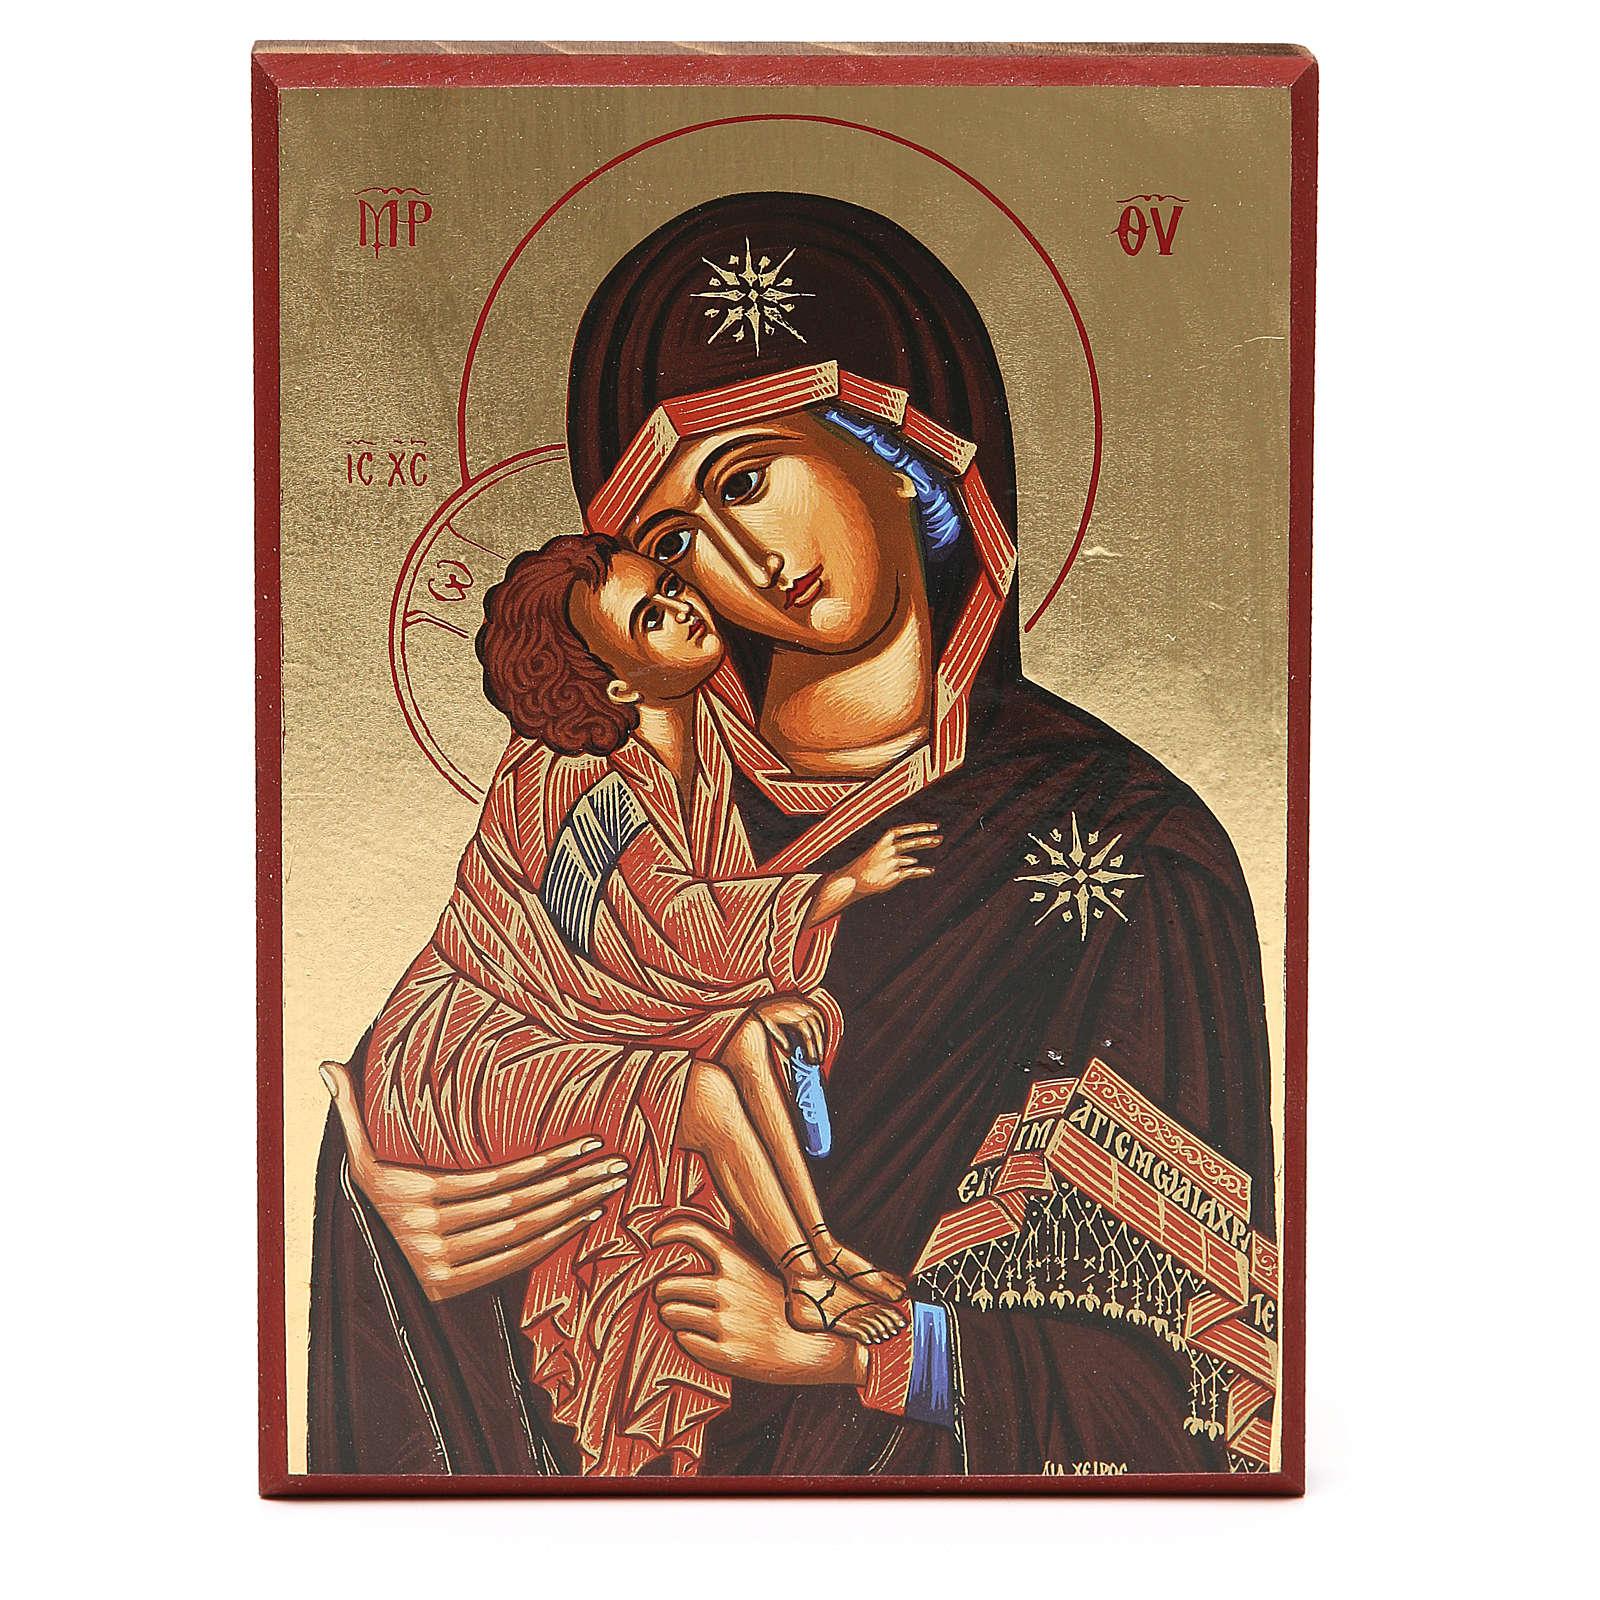 Stampa fondo oro 18x25 cm Madonna di Kiko 4